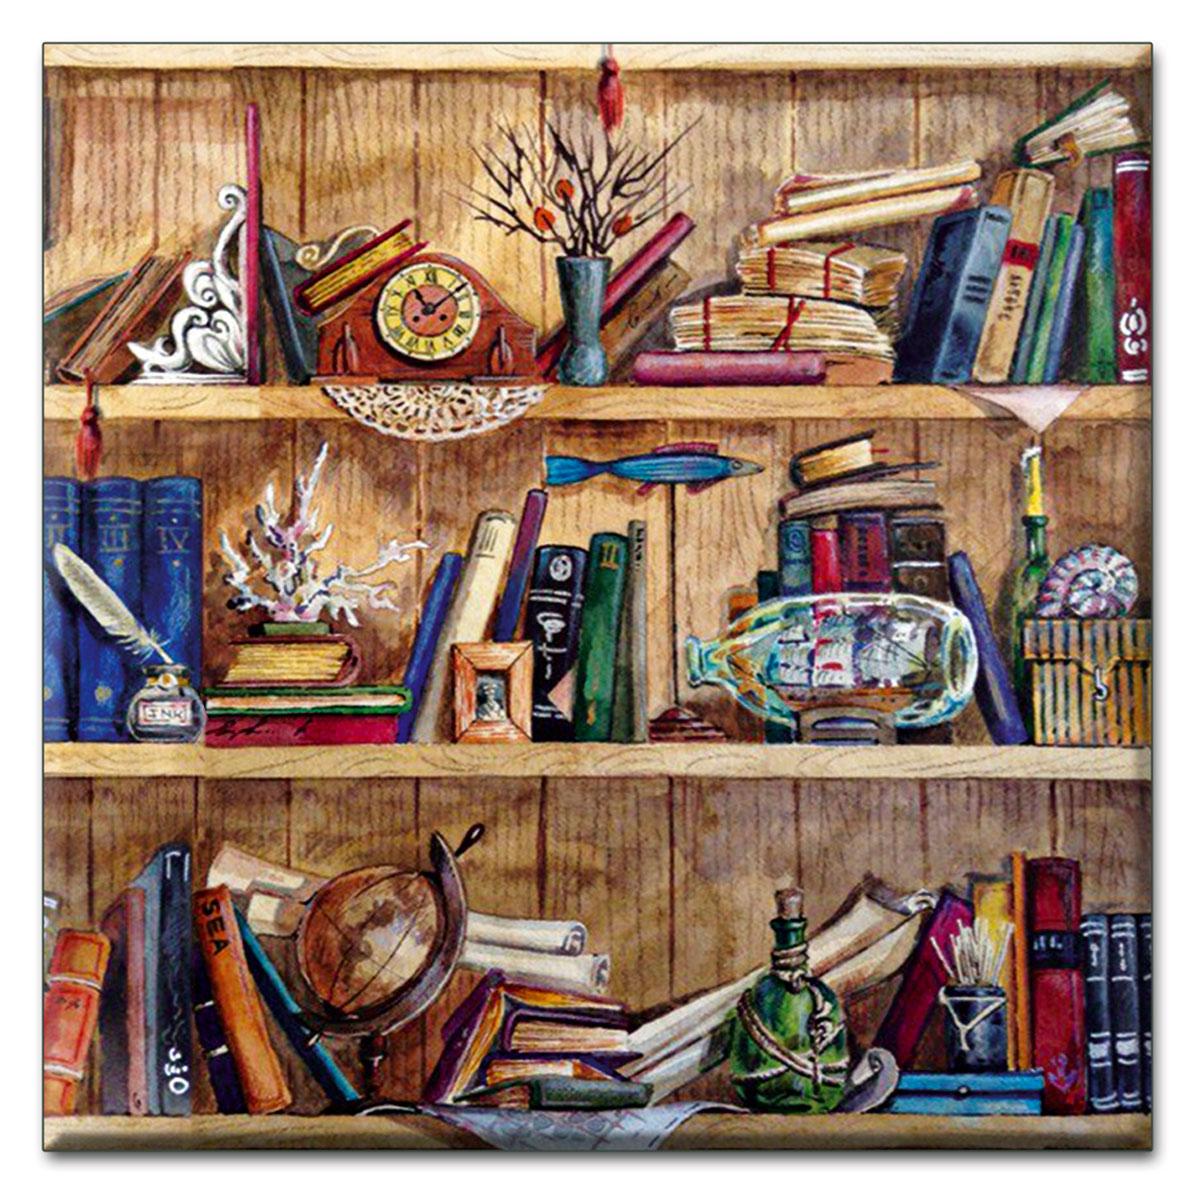 Подставка под кружку Magic Home, 9,3 х 9,3 см. 43418VT-1520(SR)Оригинальная подставка под кружку Magic Home, выполненная из керамики, займет достойное место среди аксессаров на любой кухне.Каждая хозяйка знает, что подставка под горячее - это незаменимый и очень полезный аксессуар на каждой кухне. Такая подставка не только украсит ваш стол, но и сбережет его от воздействия высоких температур.